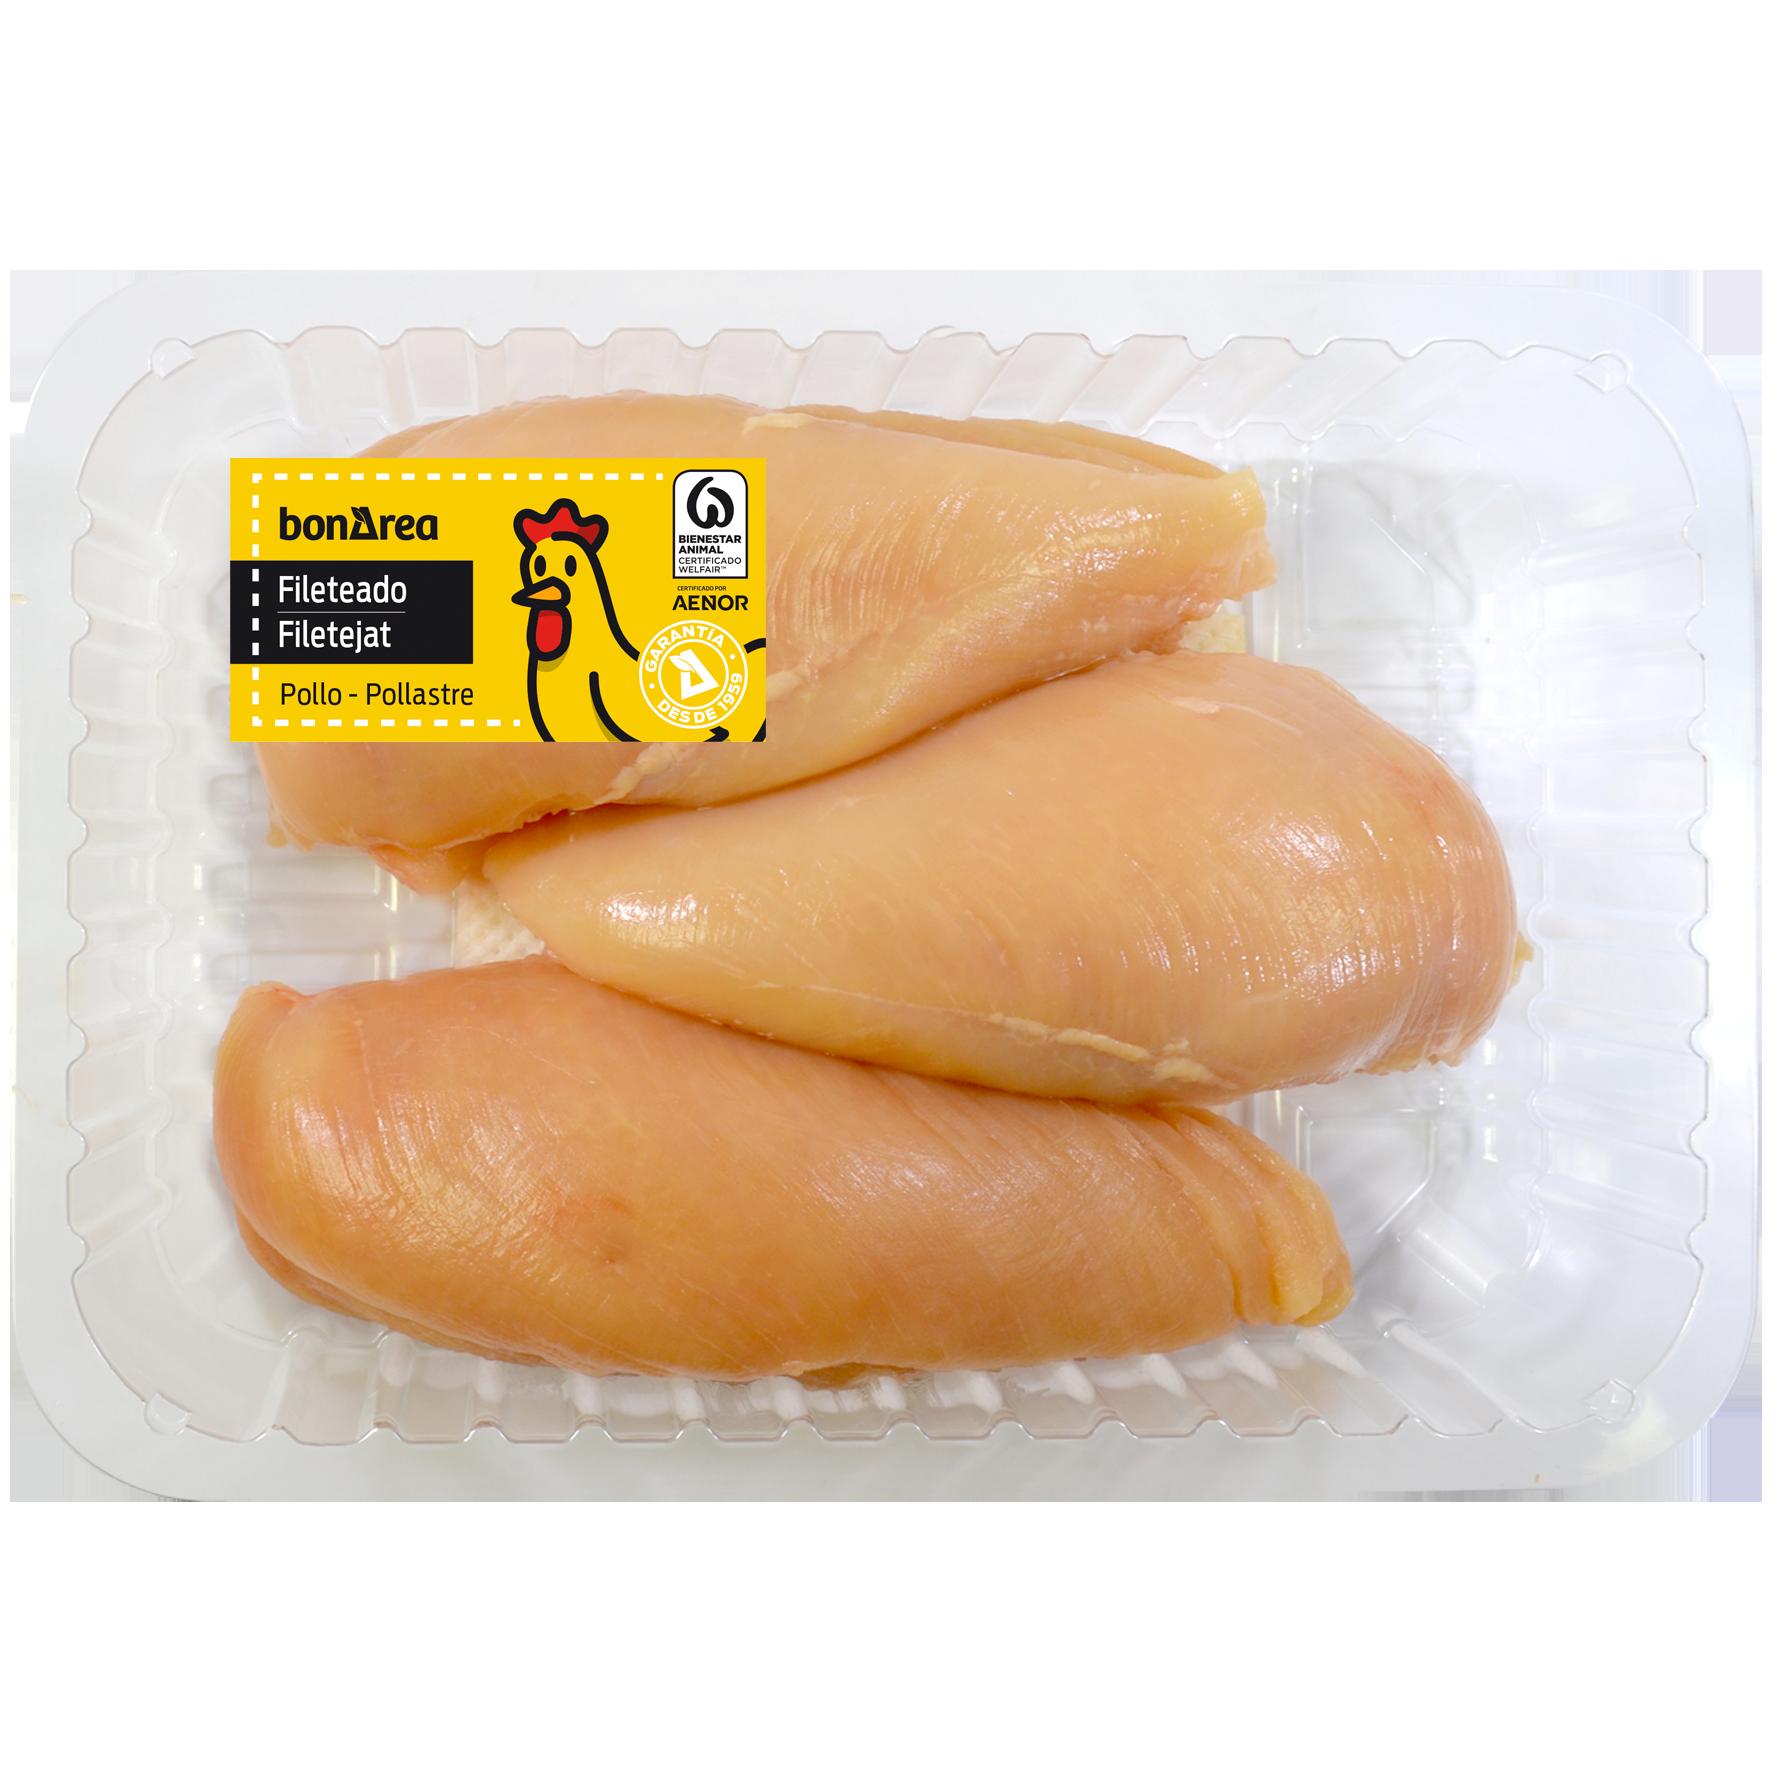 Pit de pollastre groc filetejat